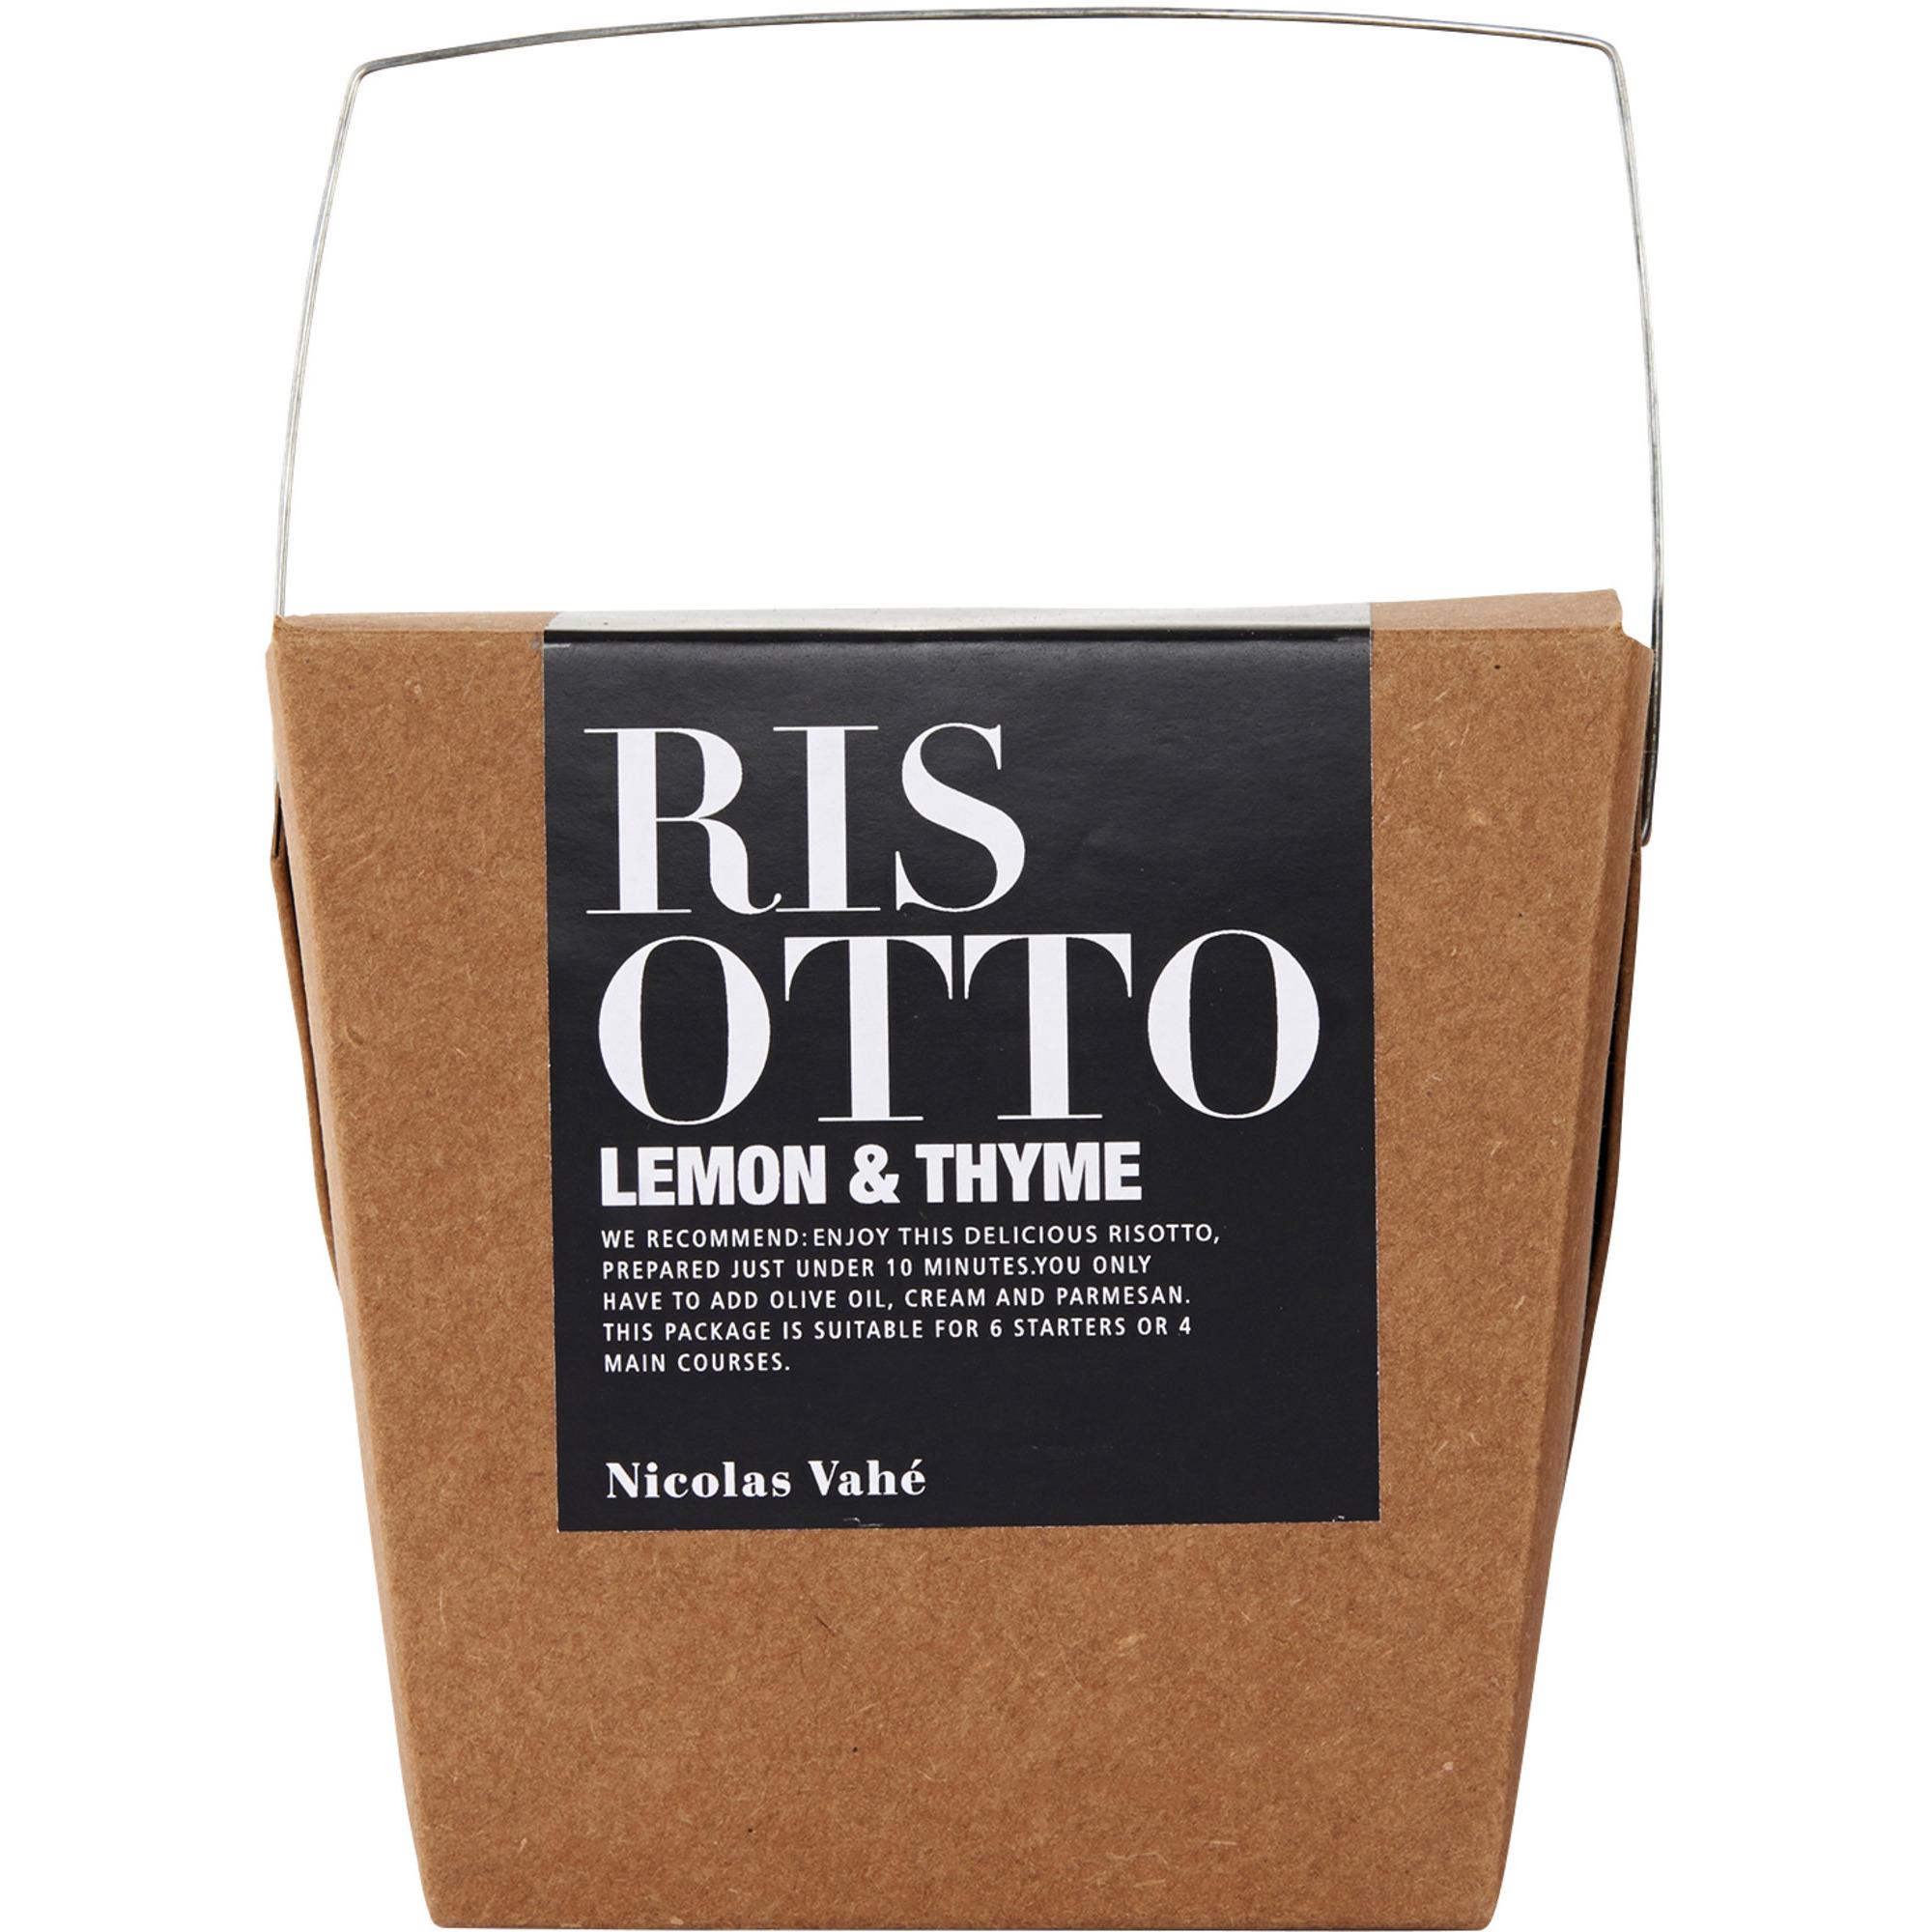 Risotto med citron   timjan från Nicolas Vahé » Snabb leverans f38879f6cf72a